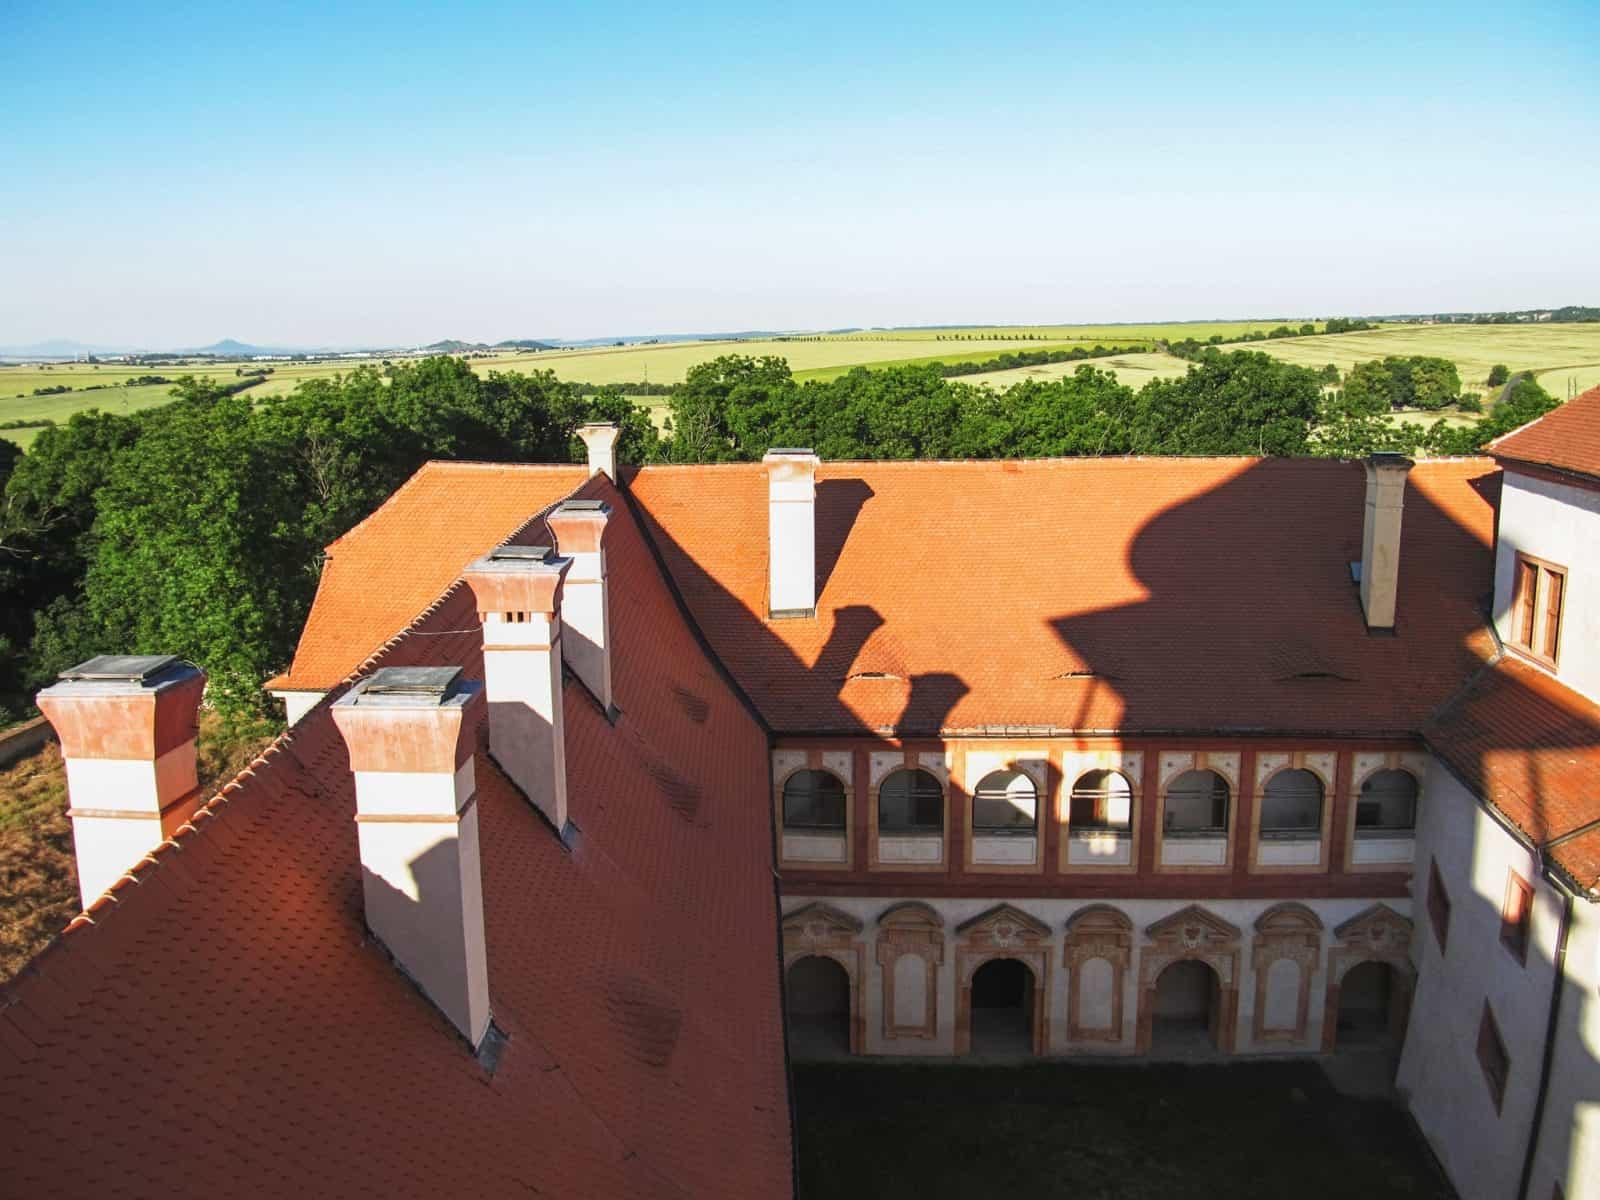 Третий двор с восточным крылом, вид со стороны башни